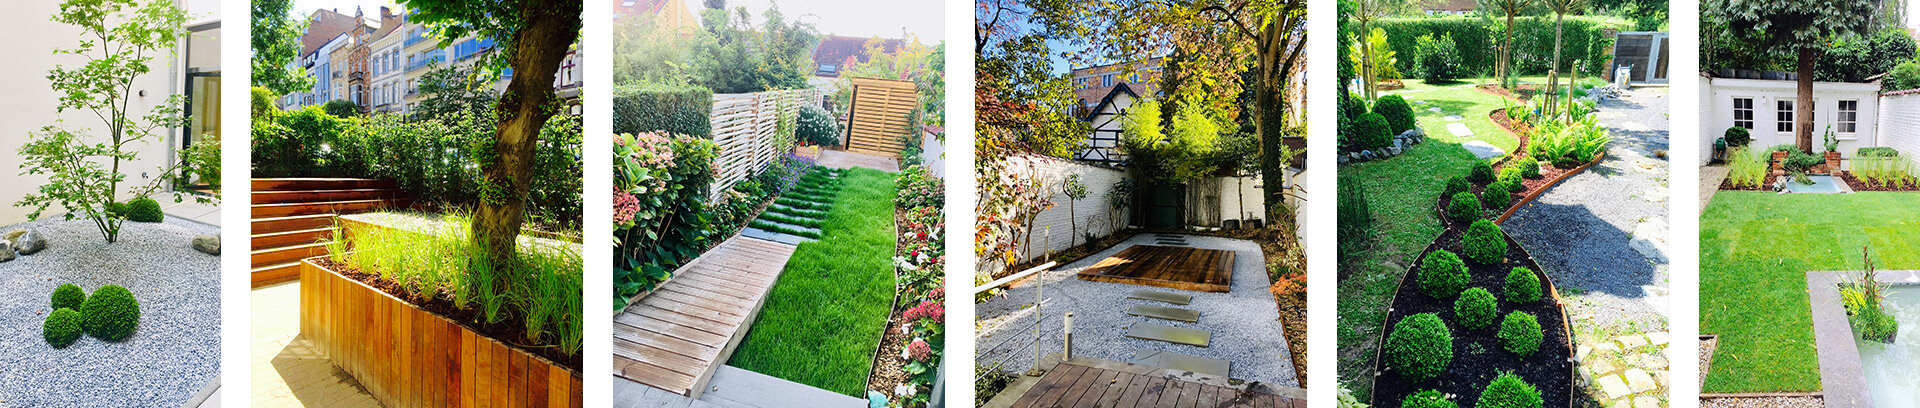 garden-of-eden-gardens